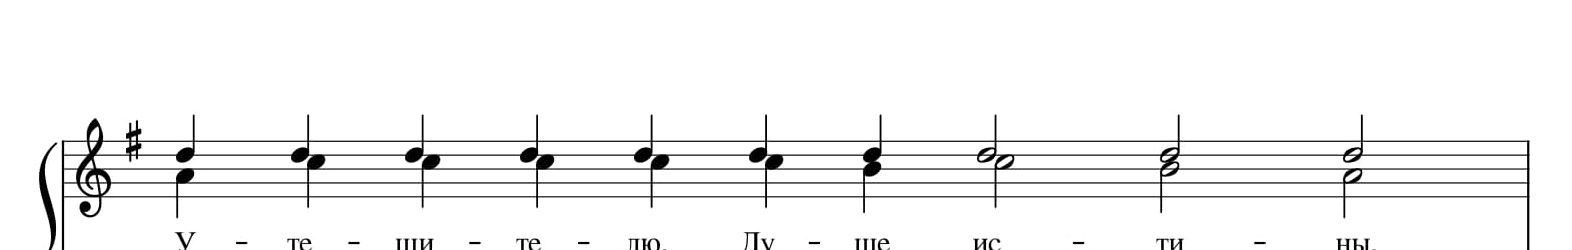 Царю Небесный, болгарский распев